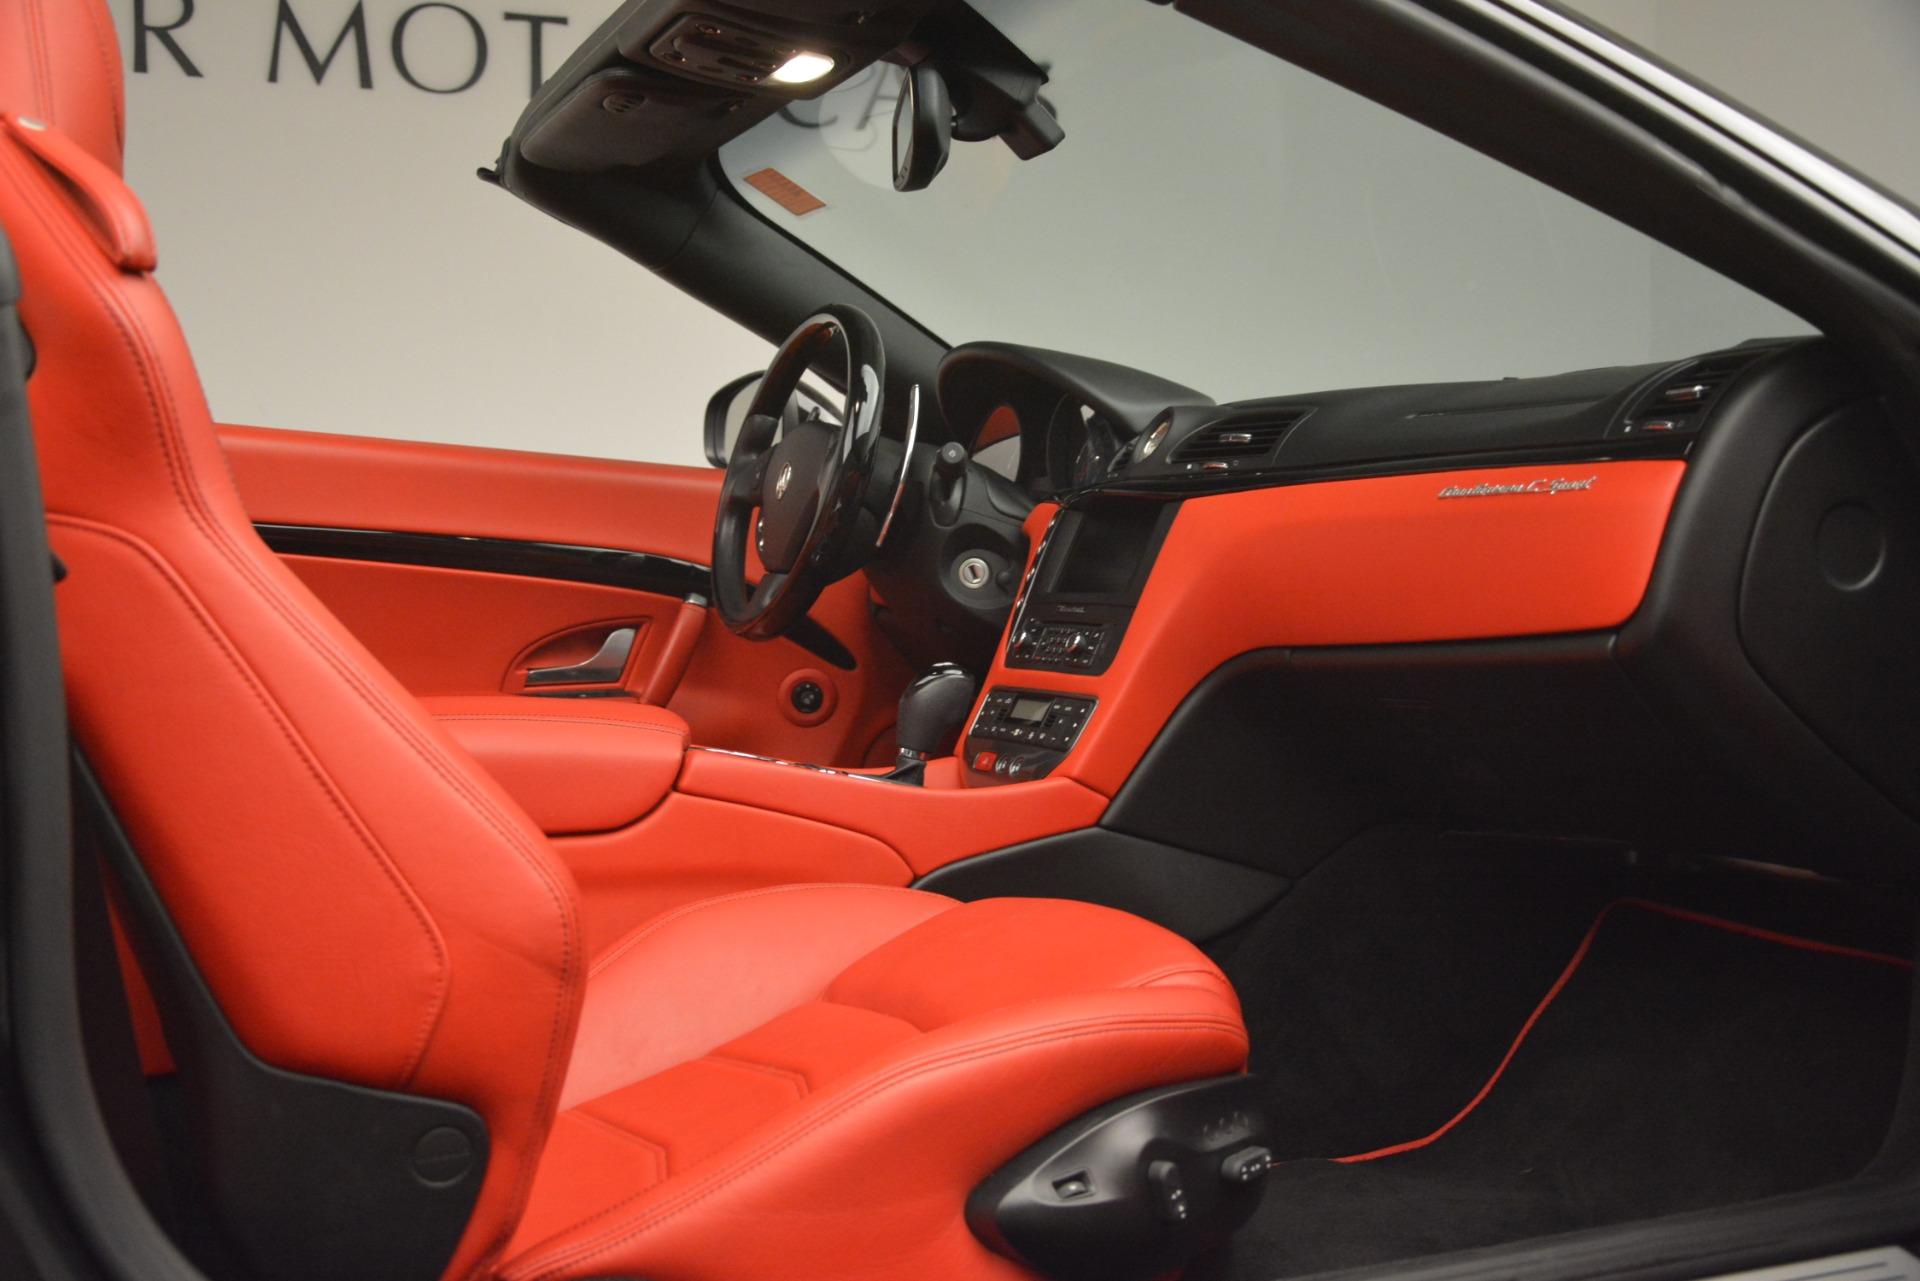 Used 2015 Maserati GranTurismo Sport For Sale In Greenwich, CT 3085_p34